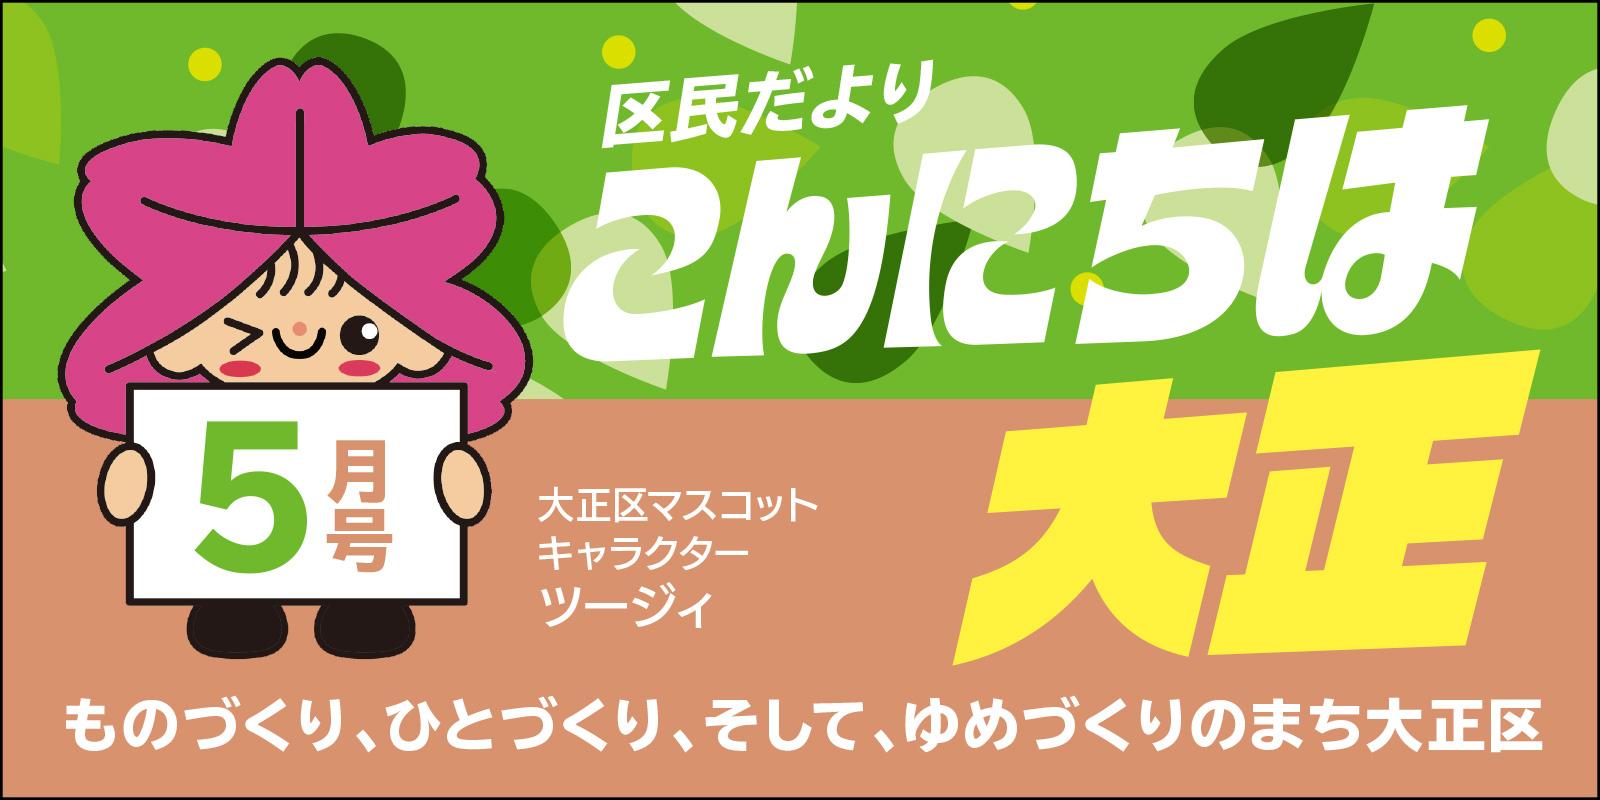 こんにちは大正5月号 2020.5 昭和山(大阪市大正区)